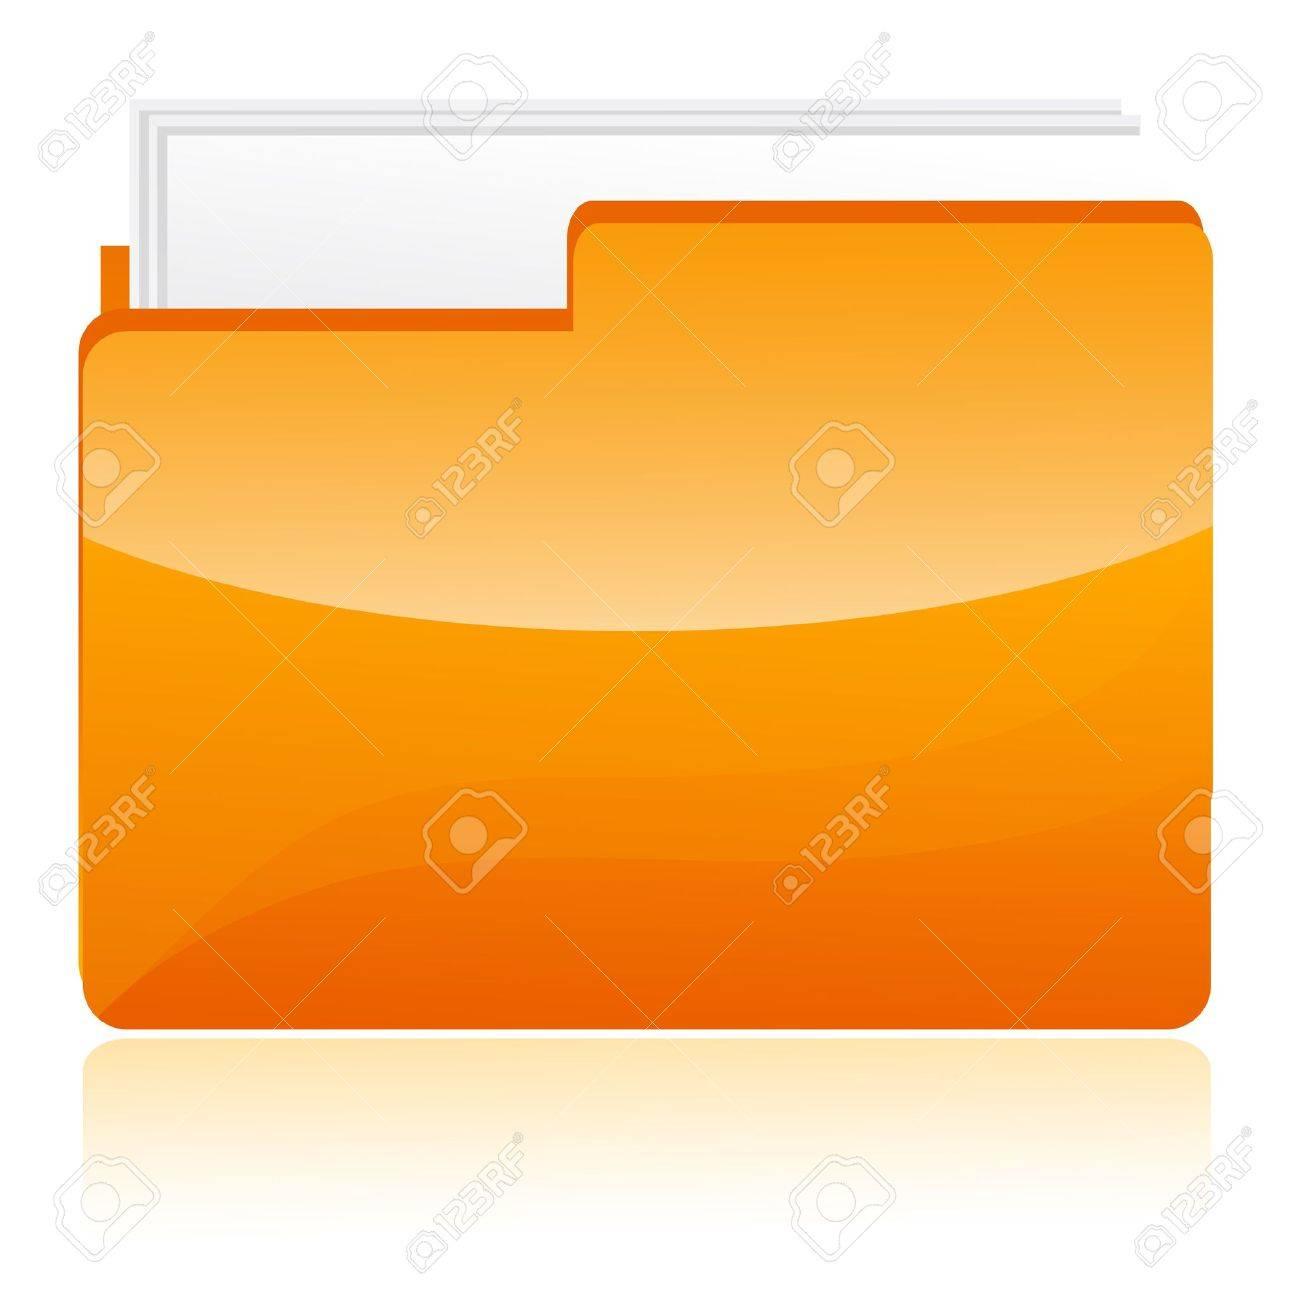 illustration of folder on white background Stock Vector - 9269407